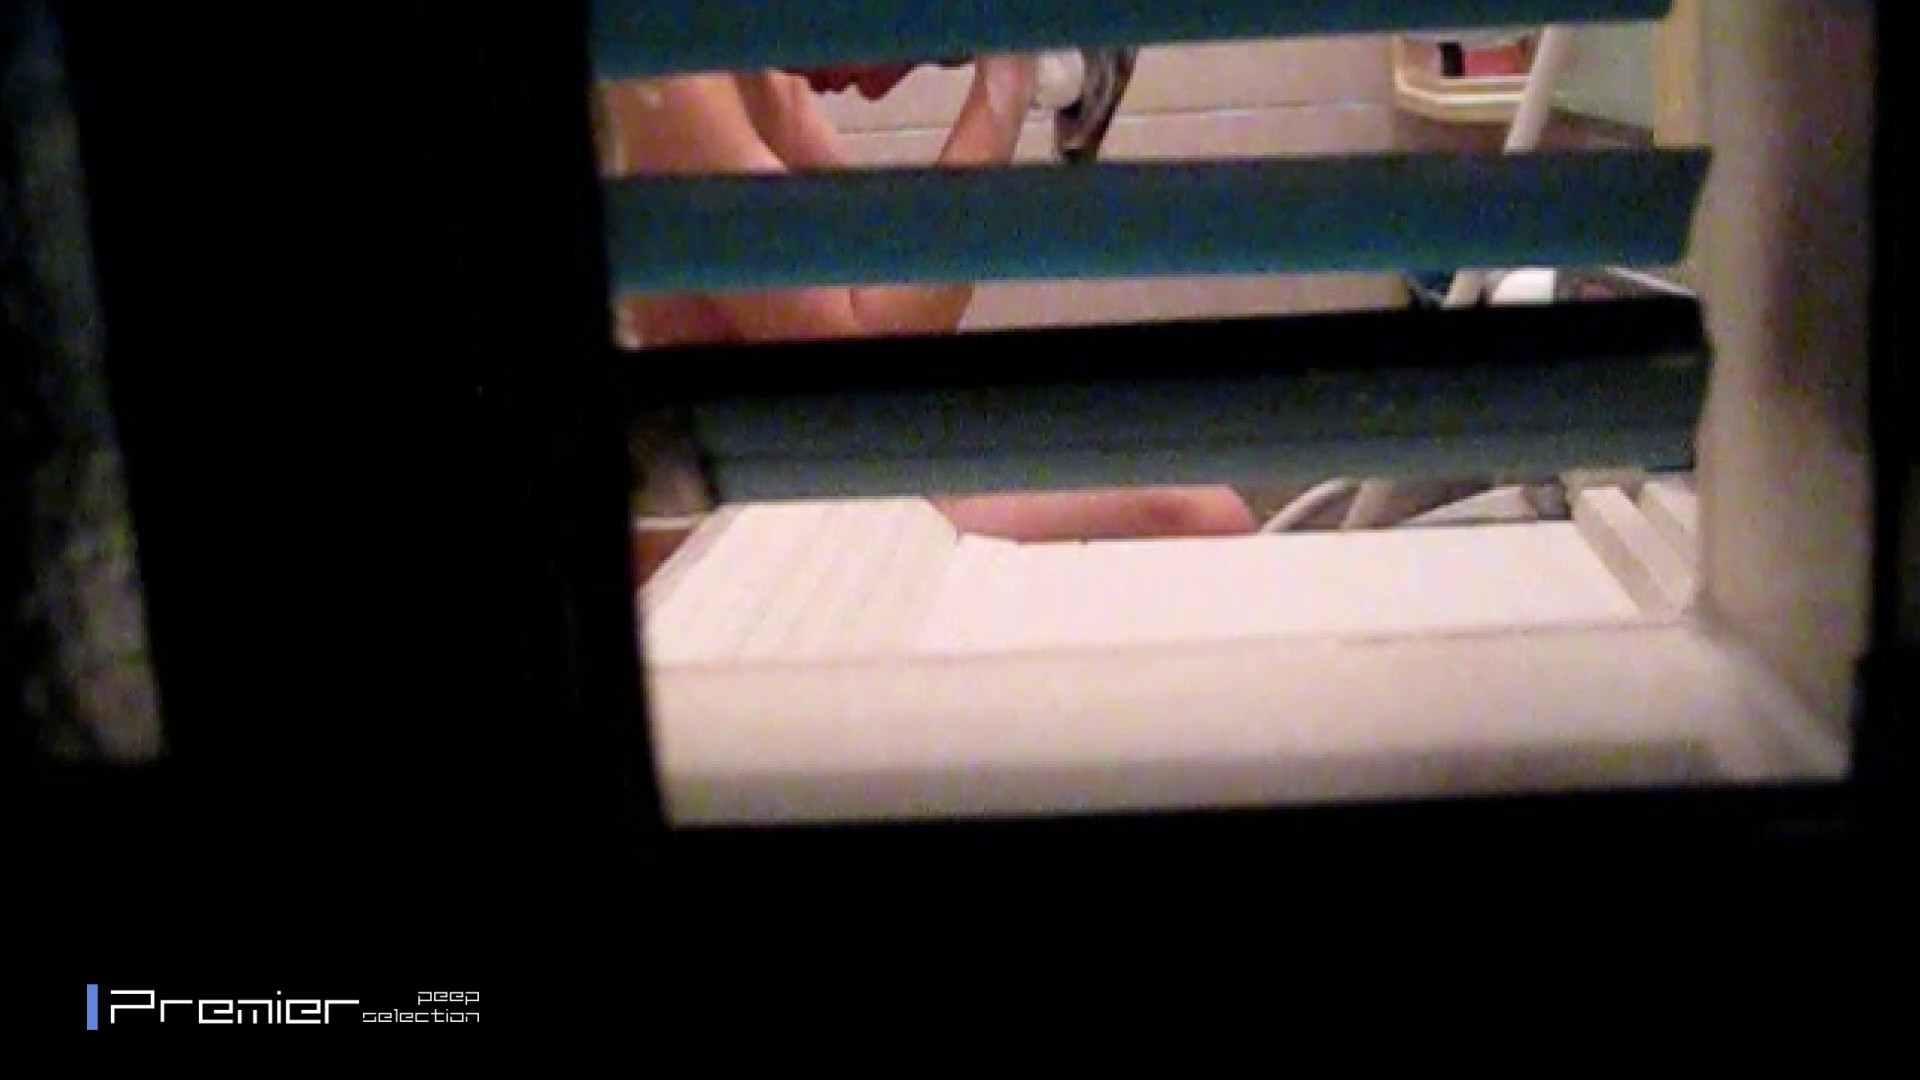 バレた…入浴盗撮 乙女の風呂場 Vol.15 乙女だって。。。 AV動画キャプチャ 92画像 82